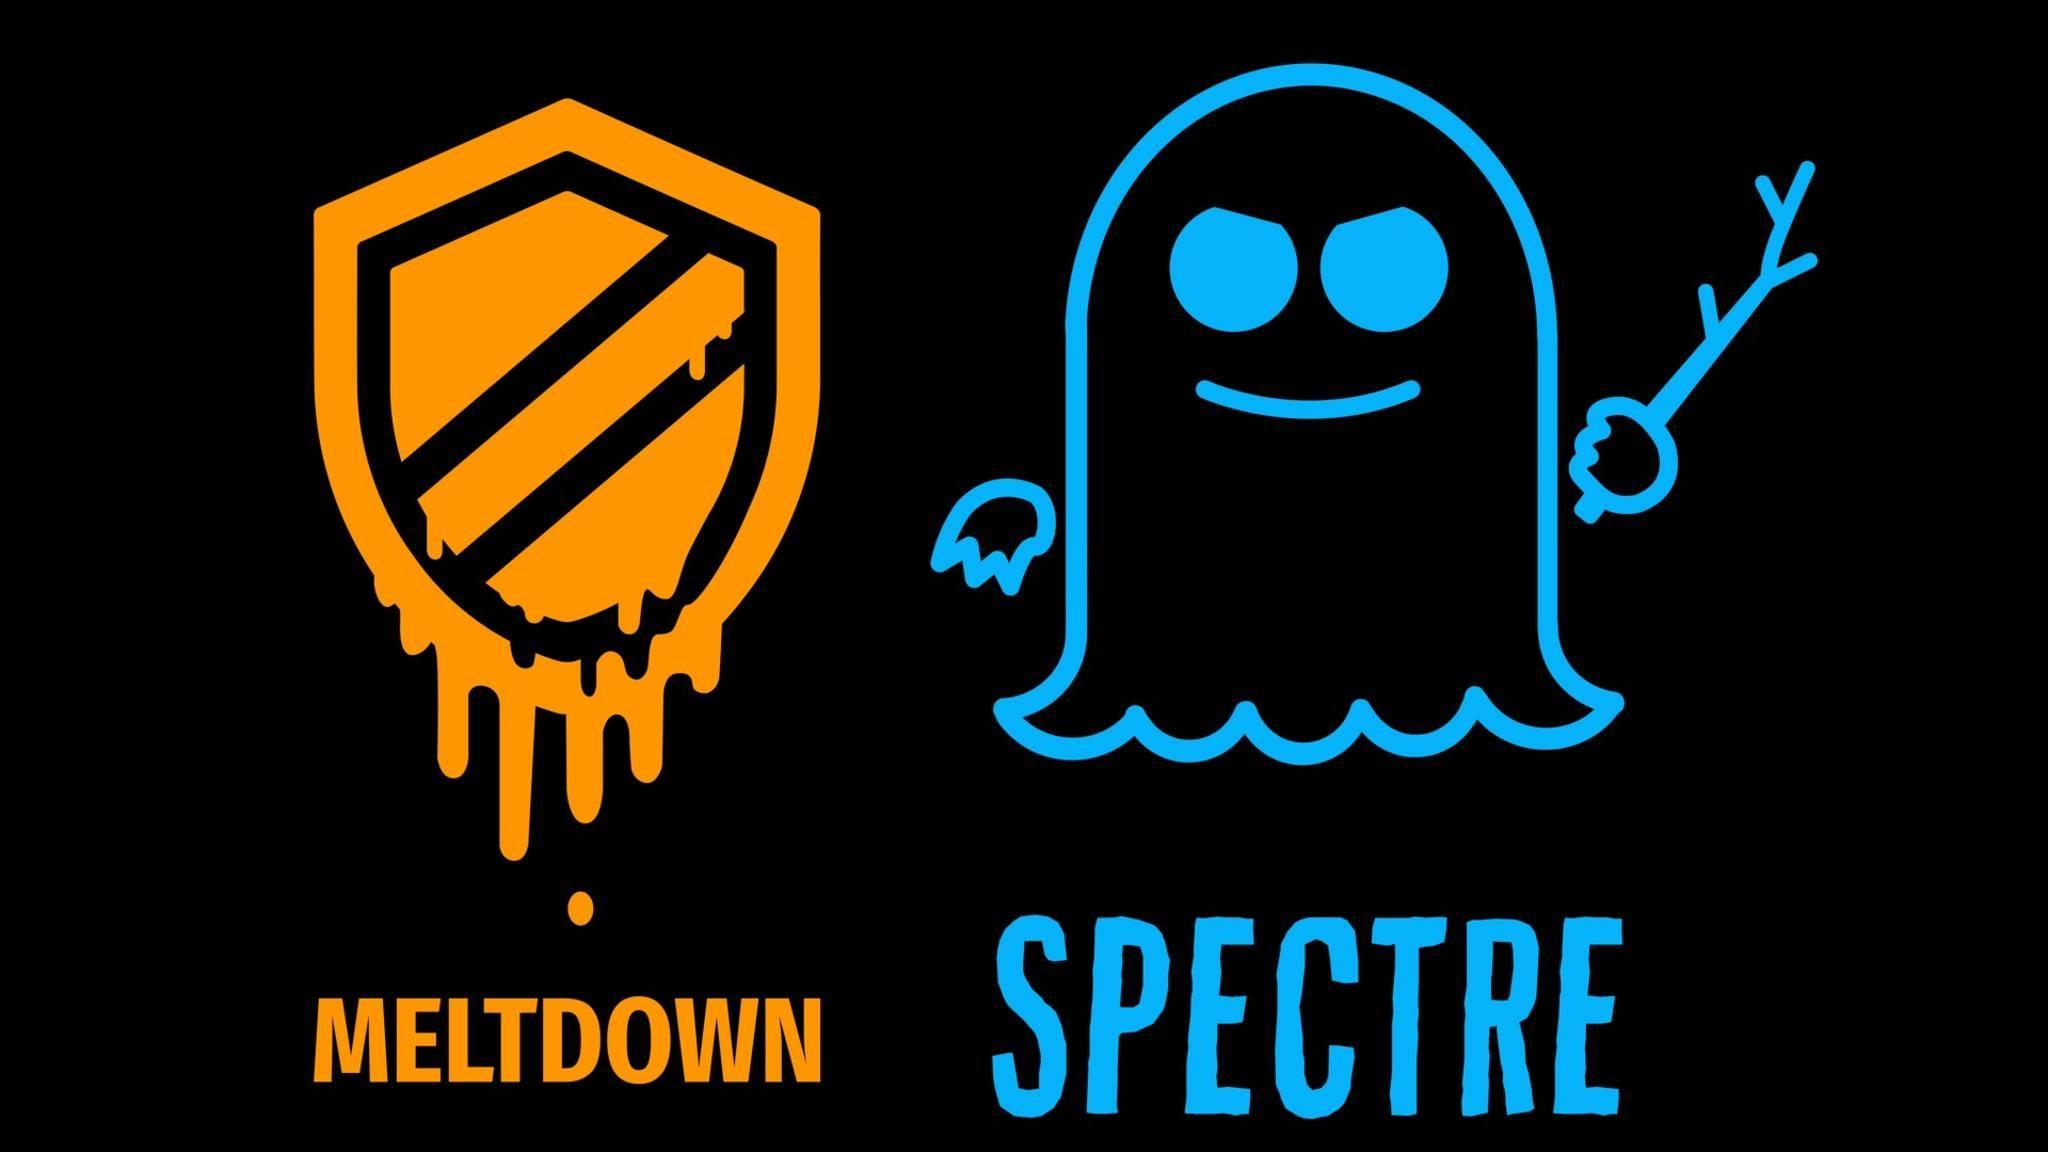 Die beiden Schwachstellen Meltdown und Spectre können eine Sicherheitslücke in Computerchips ausnutzen.